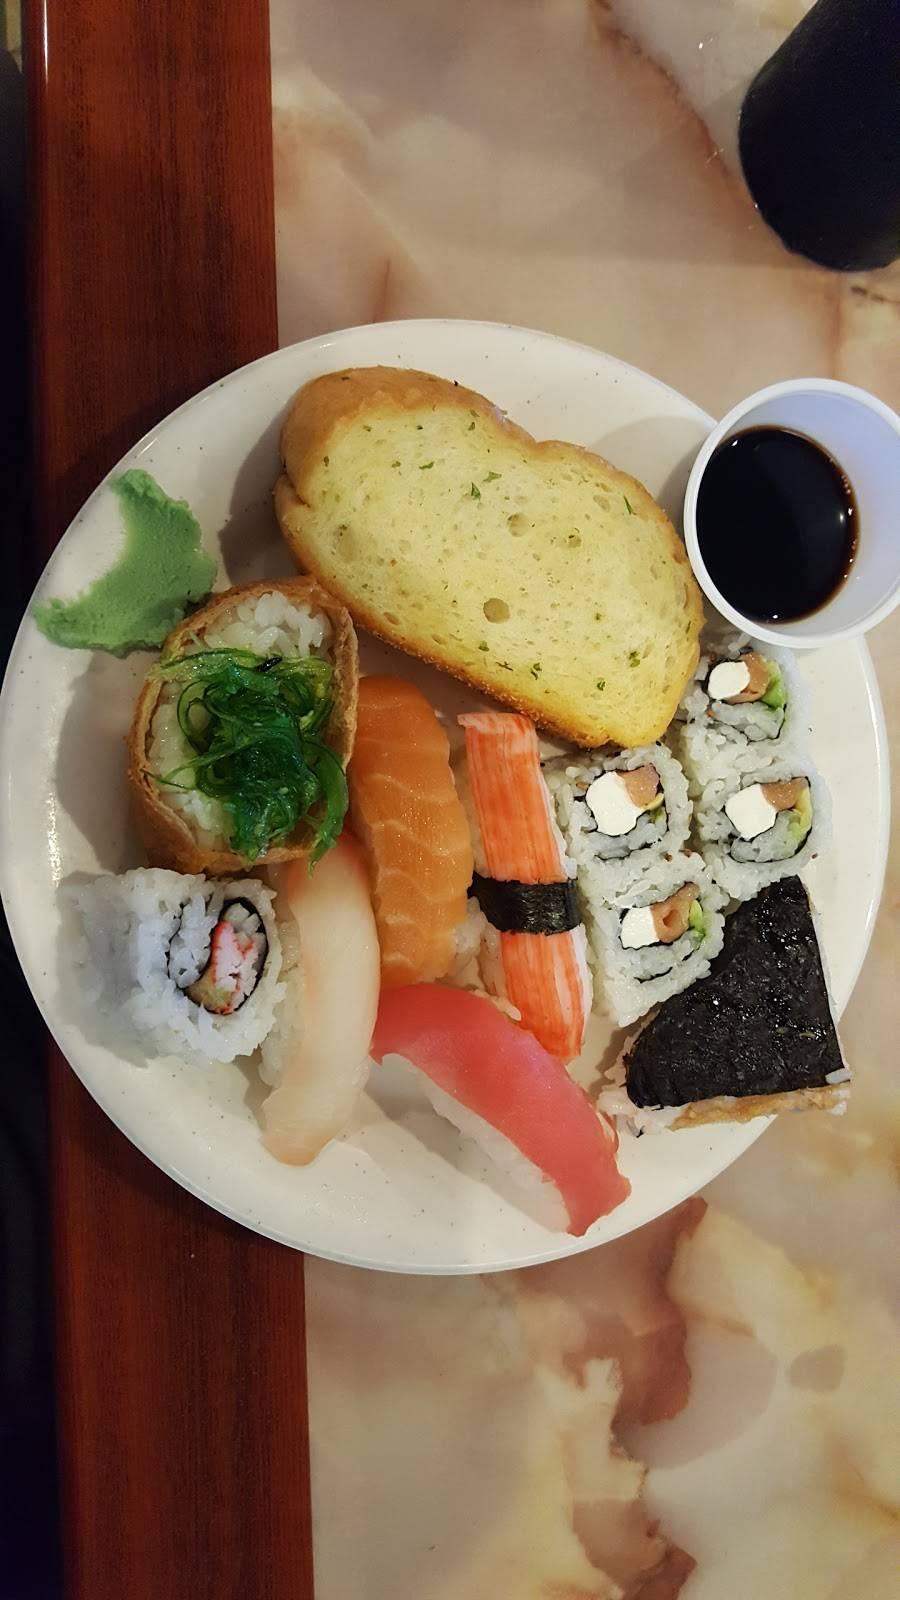 Hibachi Buffet (Kings Buffet) | restaurant | 7610 49th St N, Pinellas Park, FL 33781, USA | 7275448808 OR +1 727-544-8808